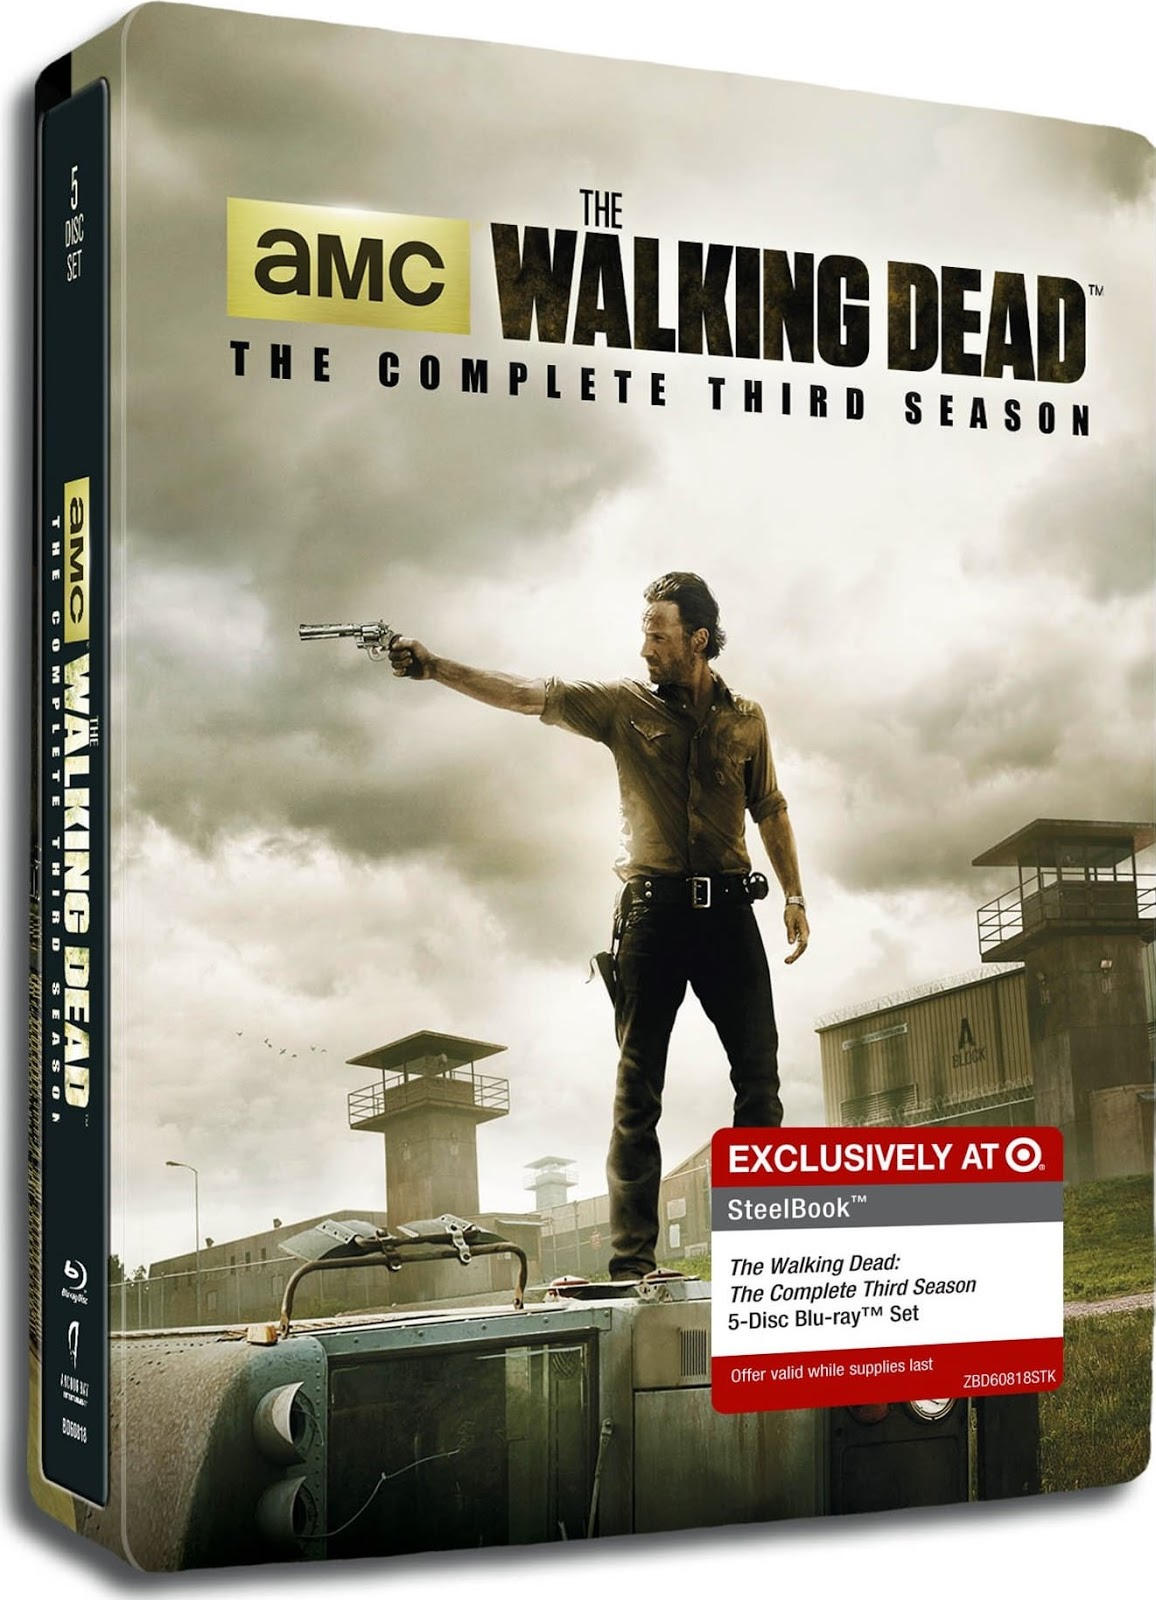 The Walking Dead The Complete Third Season Walking Dead